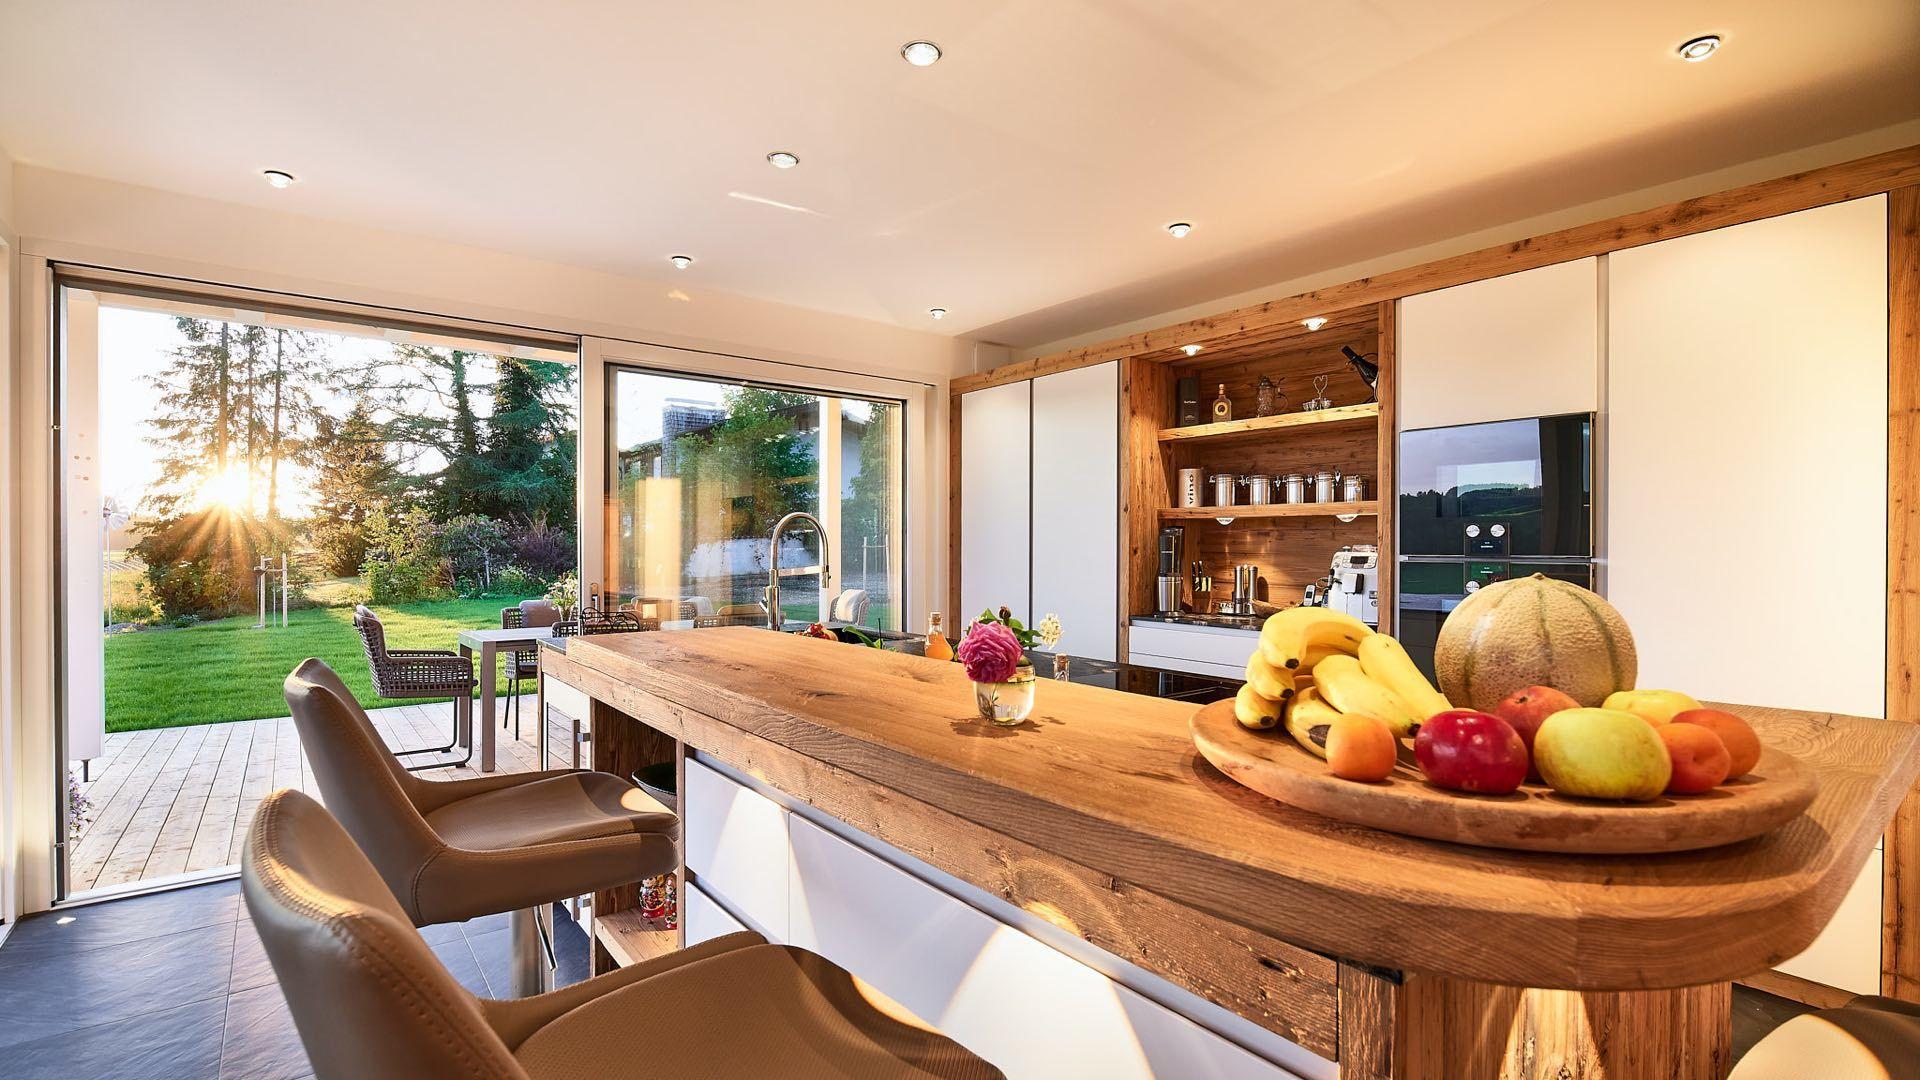 Lichtplanung Küche mit LED Lampen, Prien, Bayern